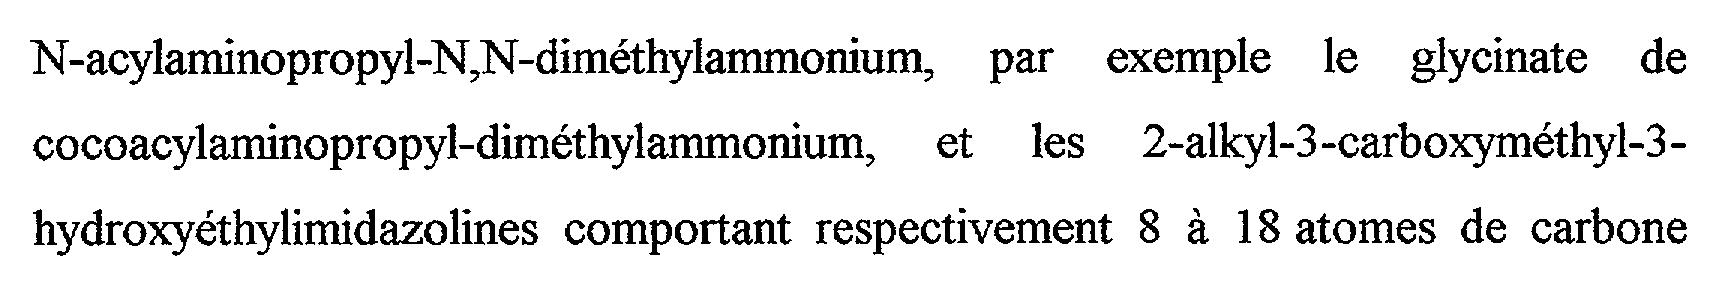 Figure img00180001